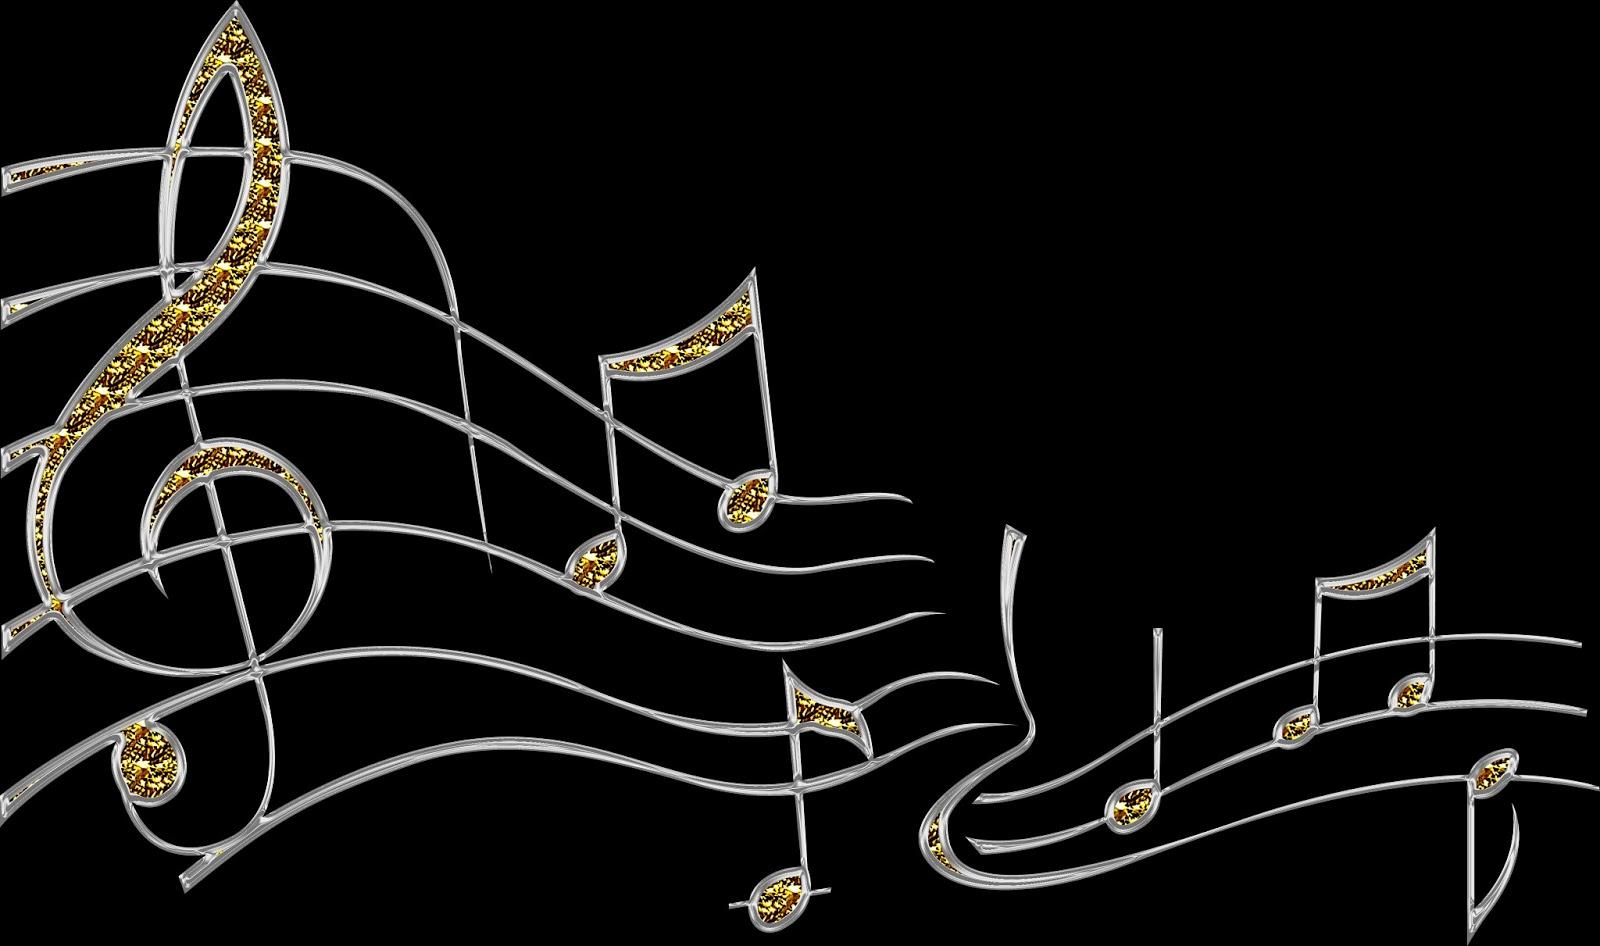 Imagens Fundo Transparente Música